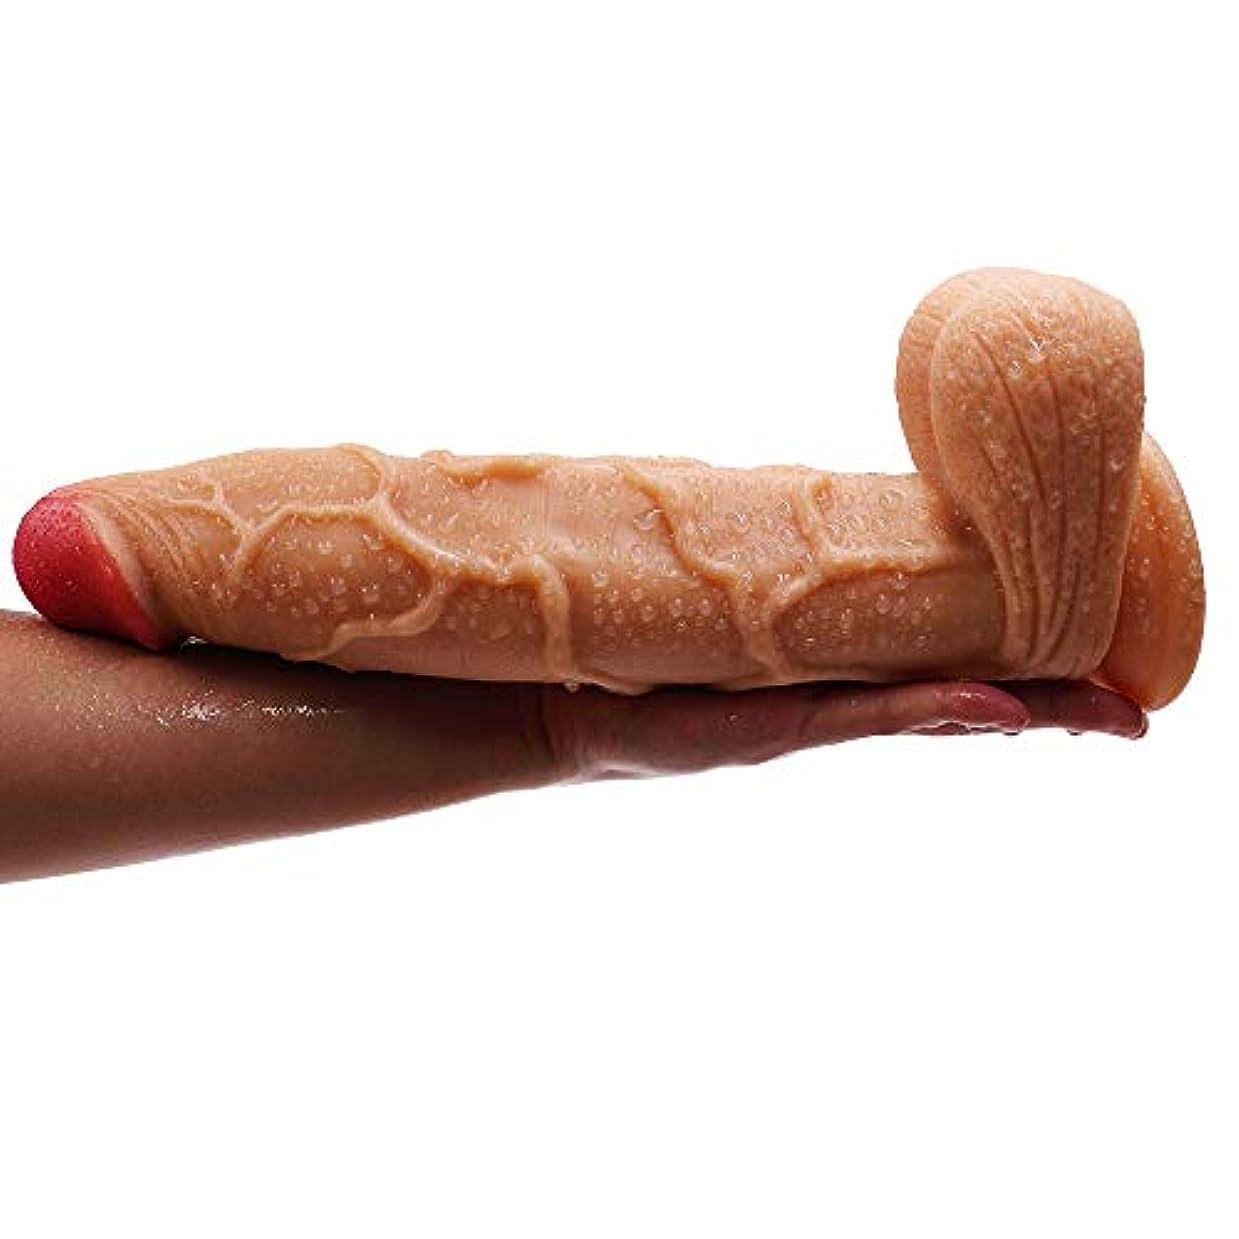 あいまいな意味のある神聖11.8インチの巨大な長い手無料女性個人的な現実的な大きなモンスターワンド肉の楽しさ-肉-xihongshidanhuatang